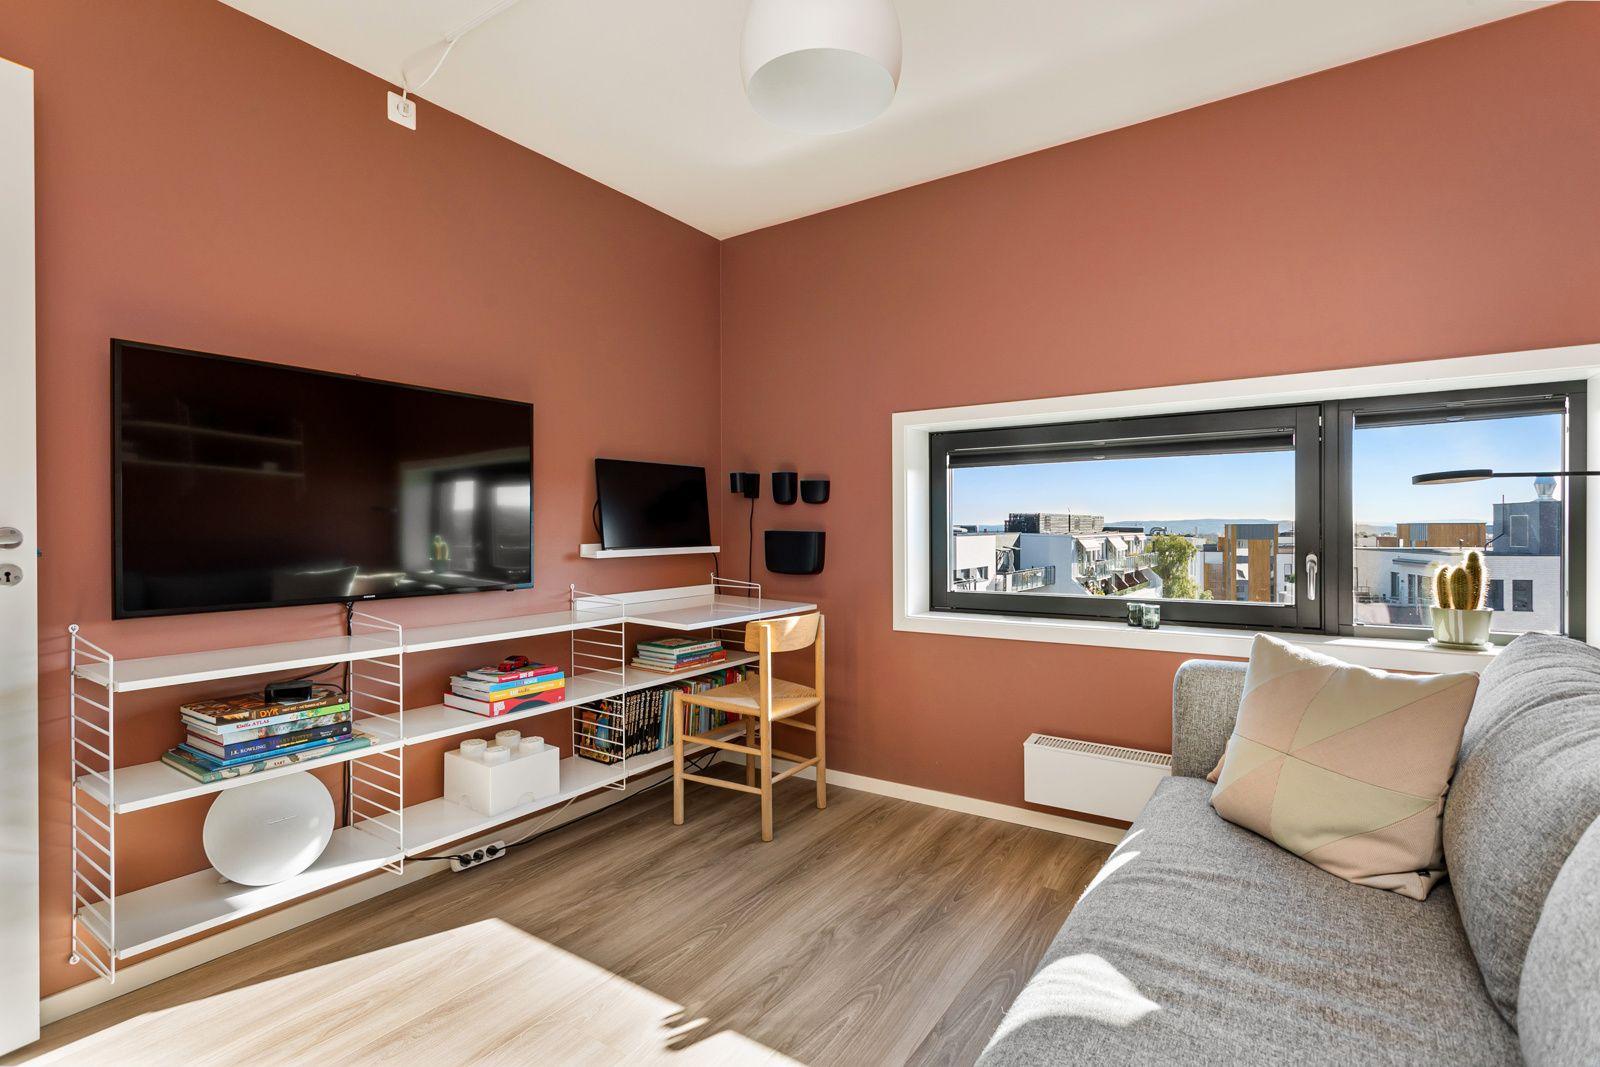 Sandakerveien 22 H Det andre soverommet er også et lyst og fint rom av god størrelse og med eget omkledningsrom.